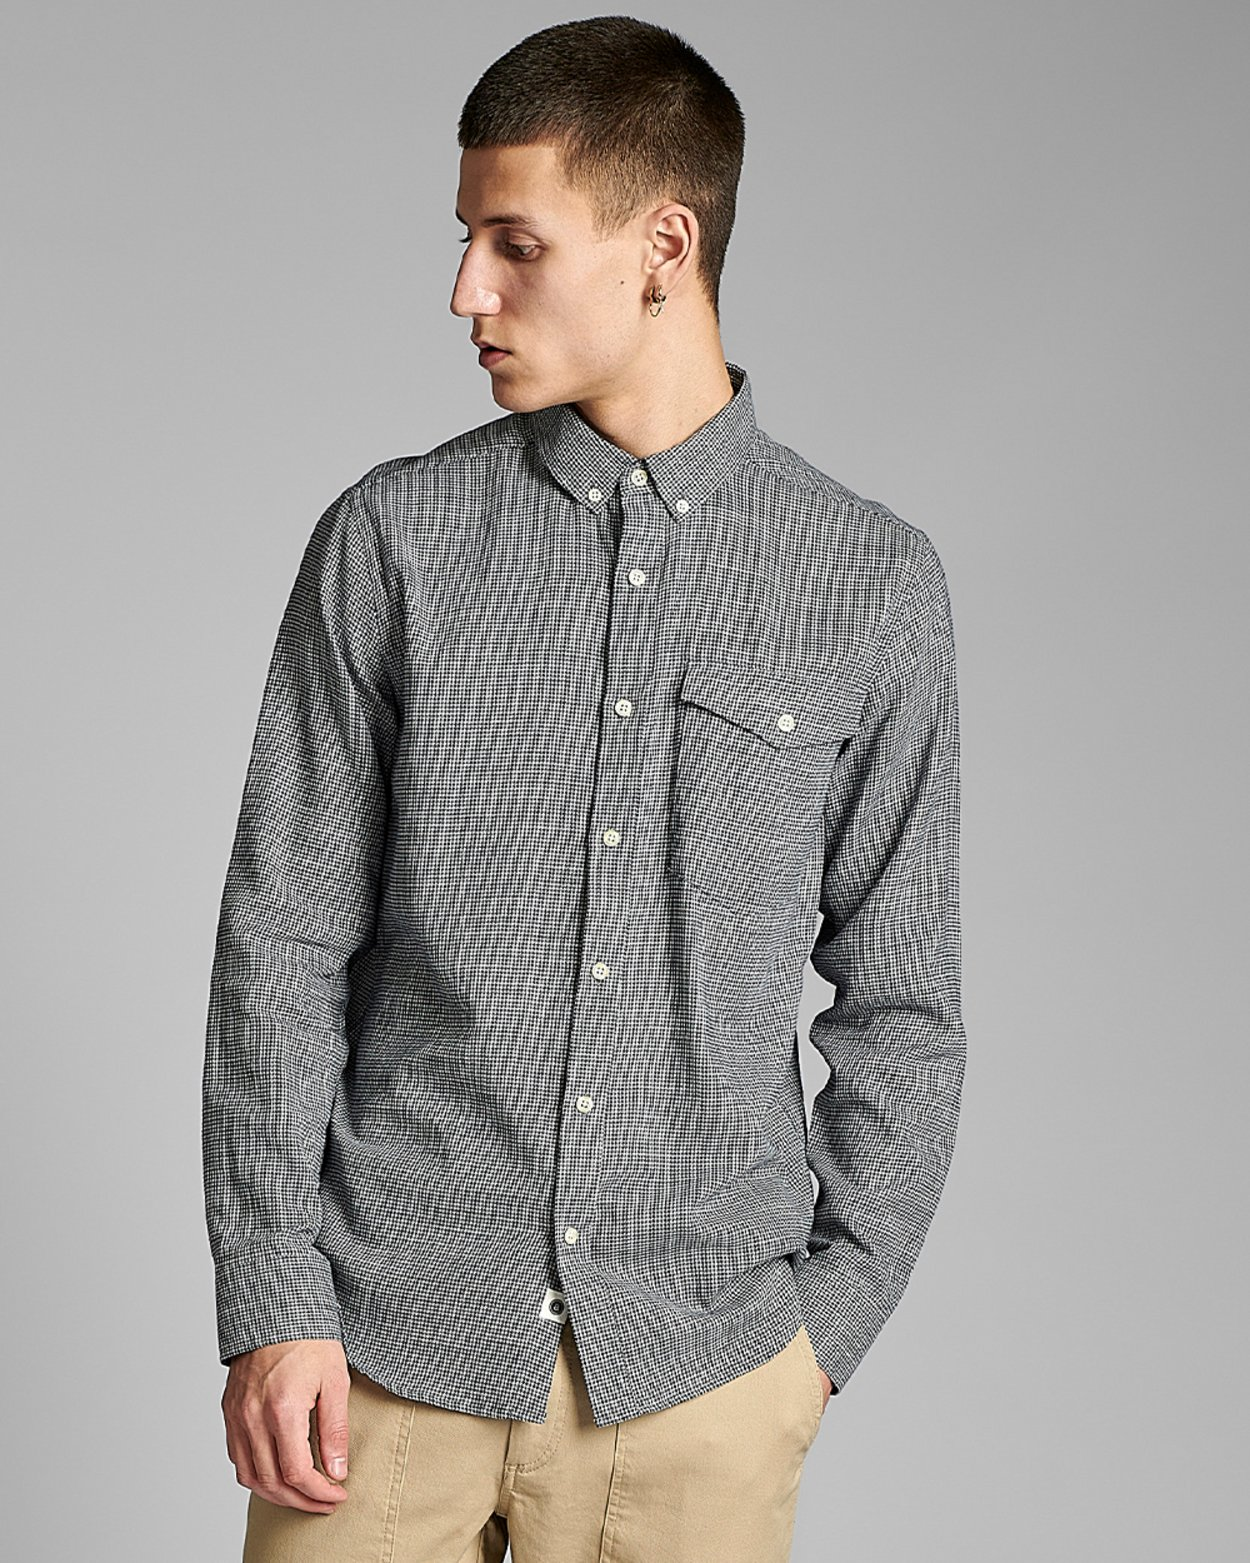 AKKonrad Shirt